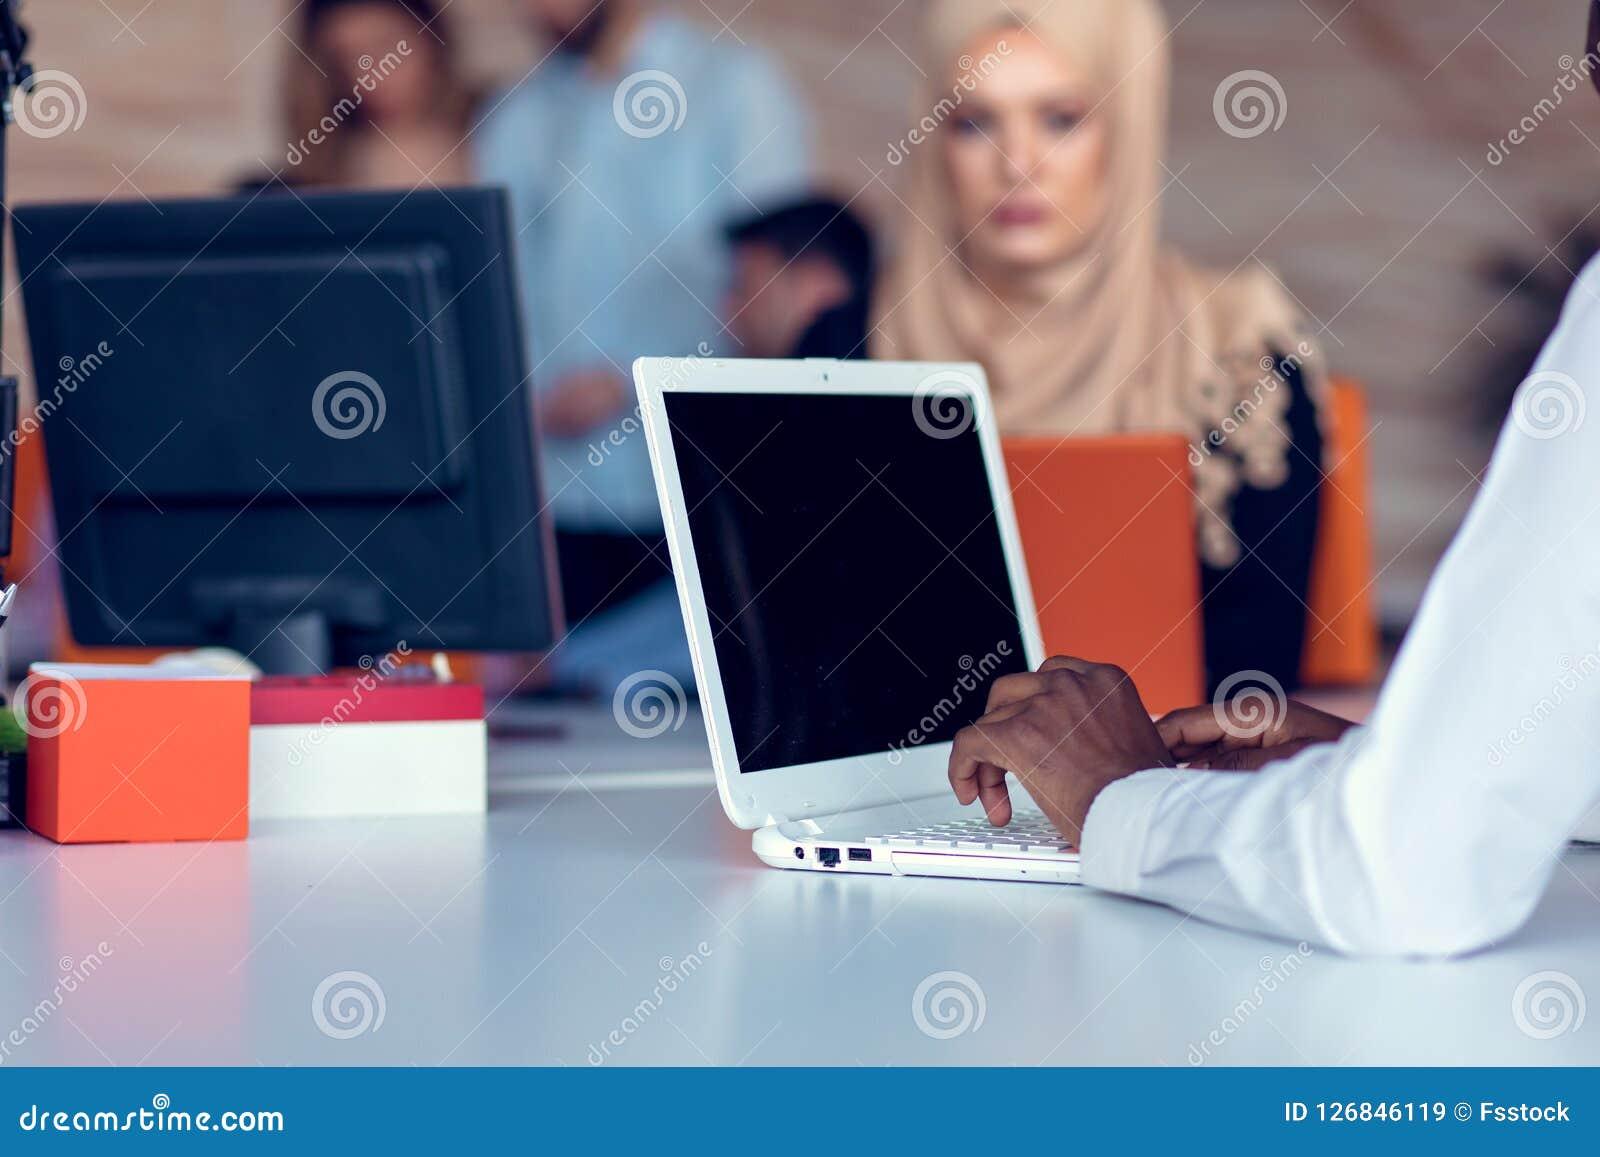 Hombres de negocios de lanzamiento creativos jovenes en la reunión en la oficina moderna que hace planes y proyectos